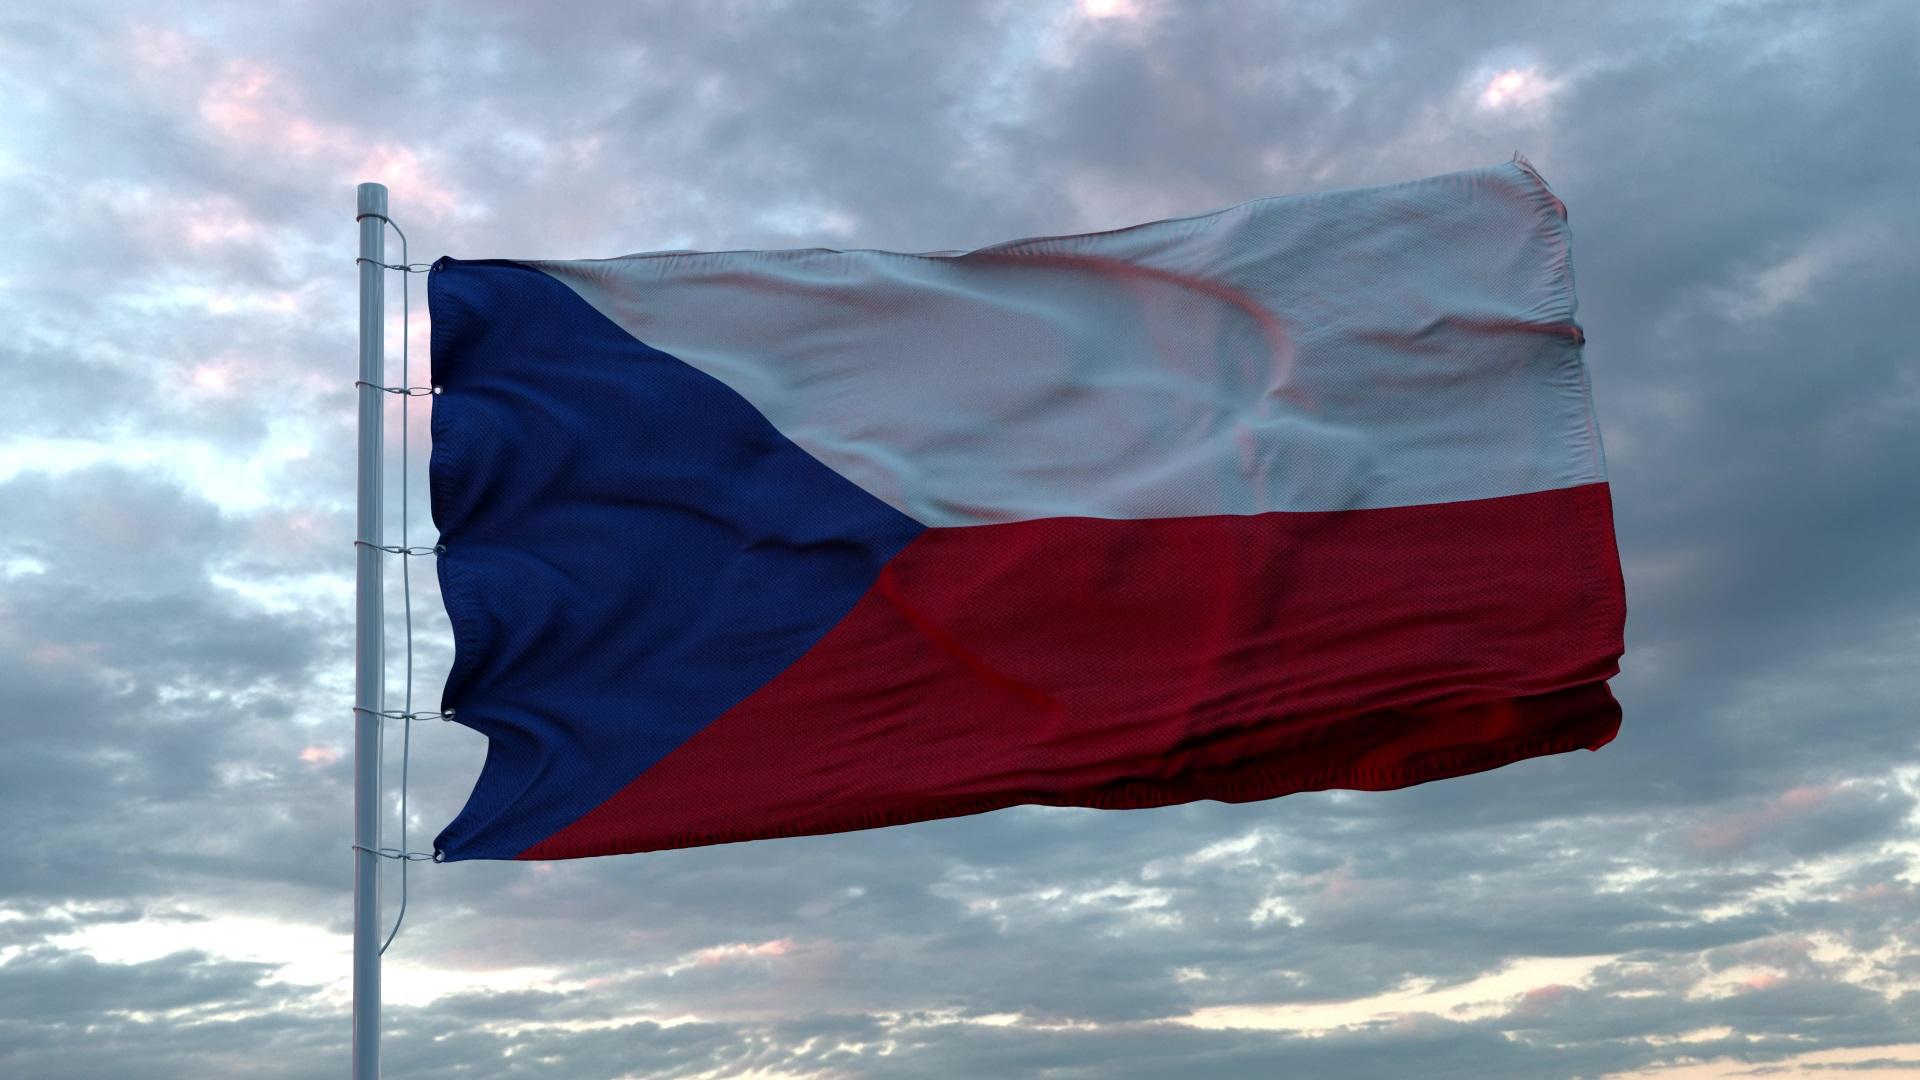 <p><strong>Чехословакия</strong></p>  <p>След разпада на Австро-Унгария е създадена Чехословакия, която включва Бохемия, Моравия и Словакия. След това държавата е окупирана от нацистите, последвано от съветска окупация. В крайна сметка се стига до мирен край на комунизма в Чехословакия след Нежната революция през 1989 г. и през 1993 г. страната се разделя на Чехия и Словакия, като Чехия запазва знамето.</p>